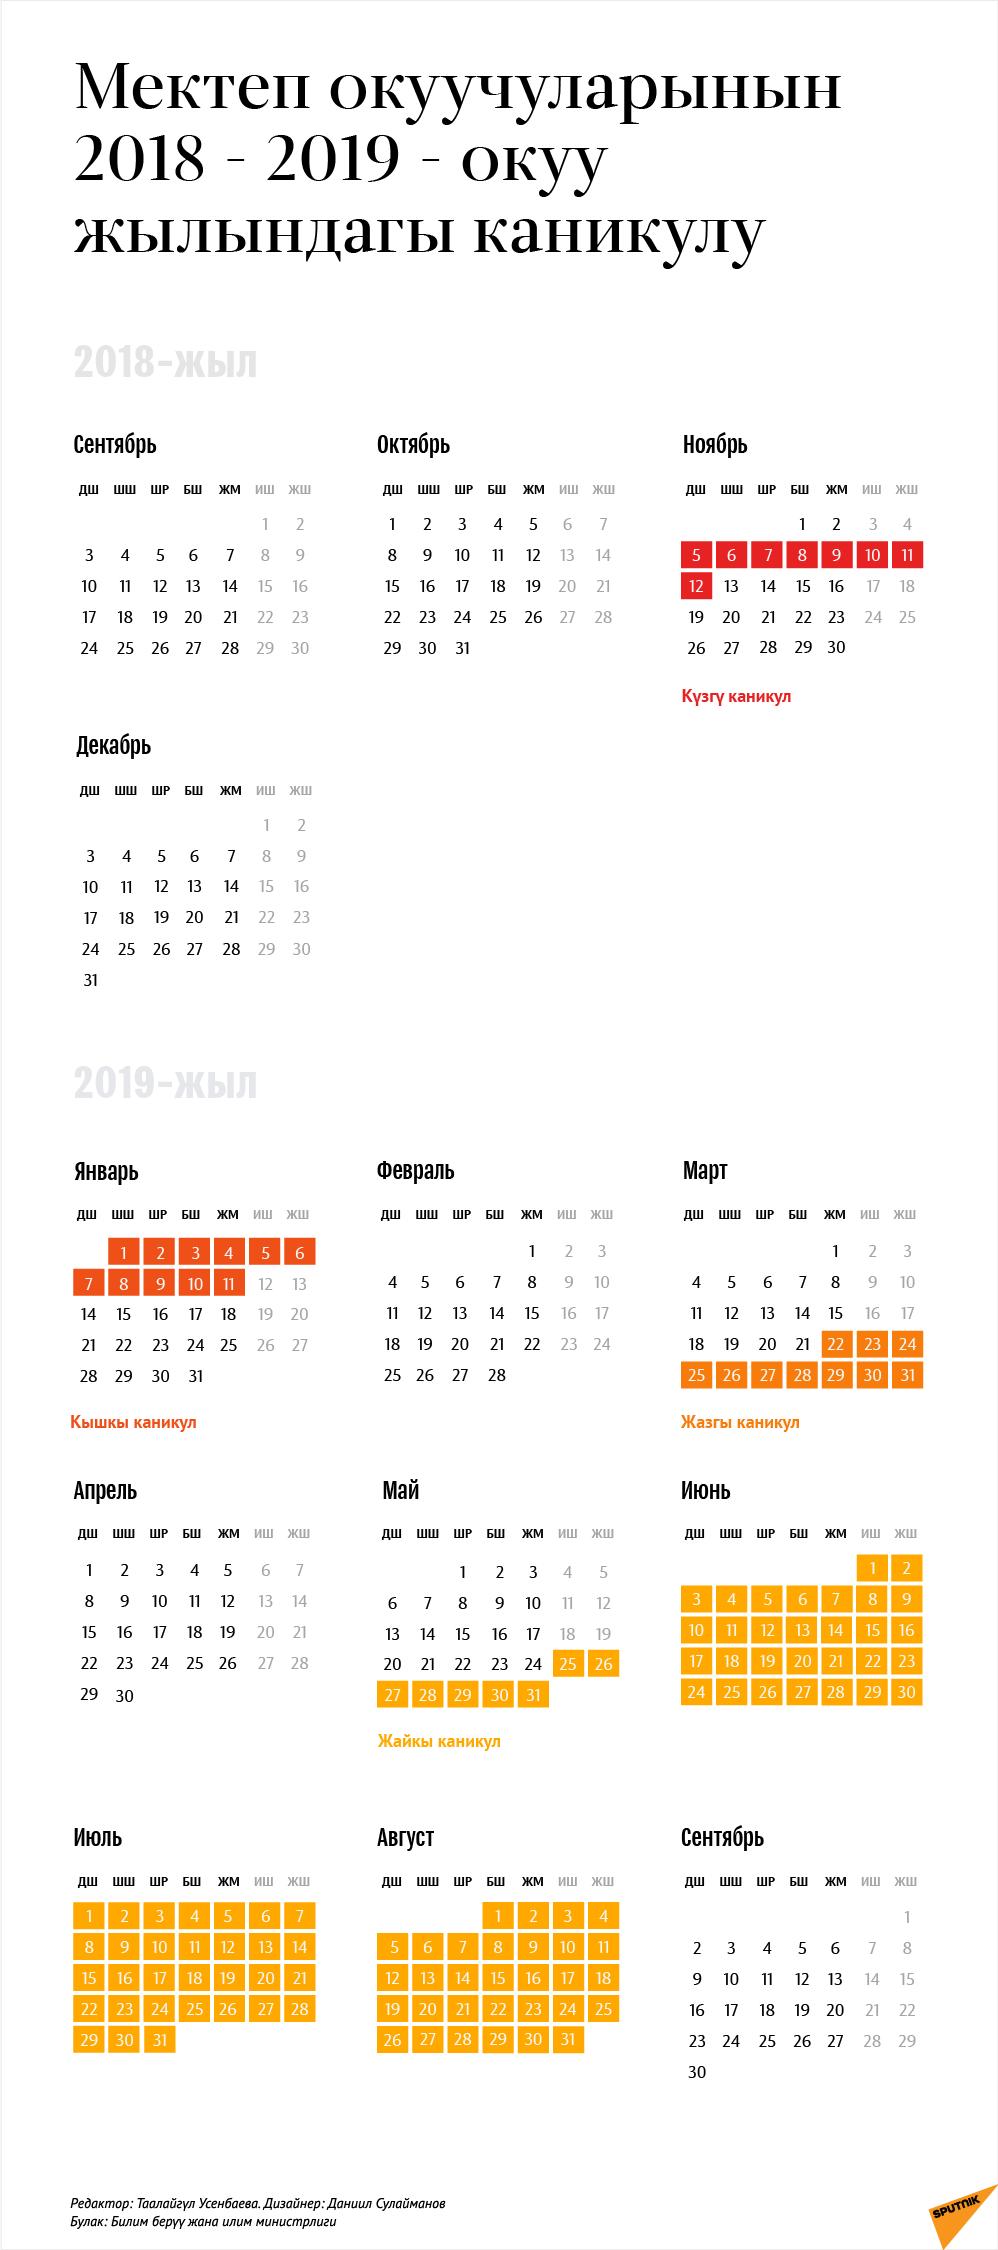 Мектеп окуучуларынын 2018 - 2019 - окуу жылындагы каникулу